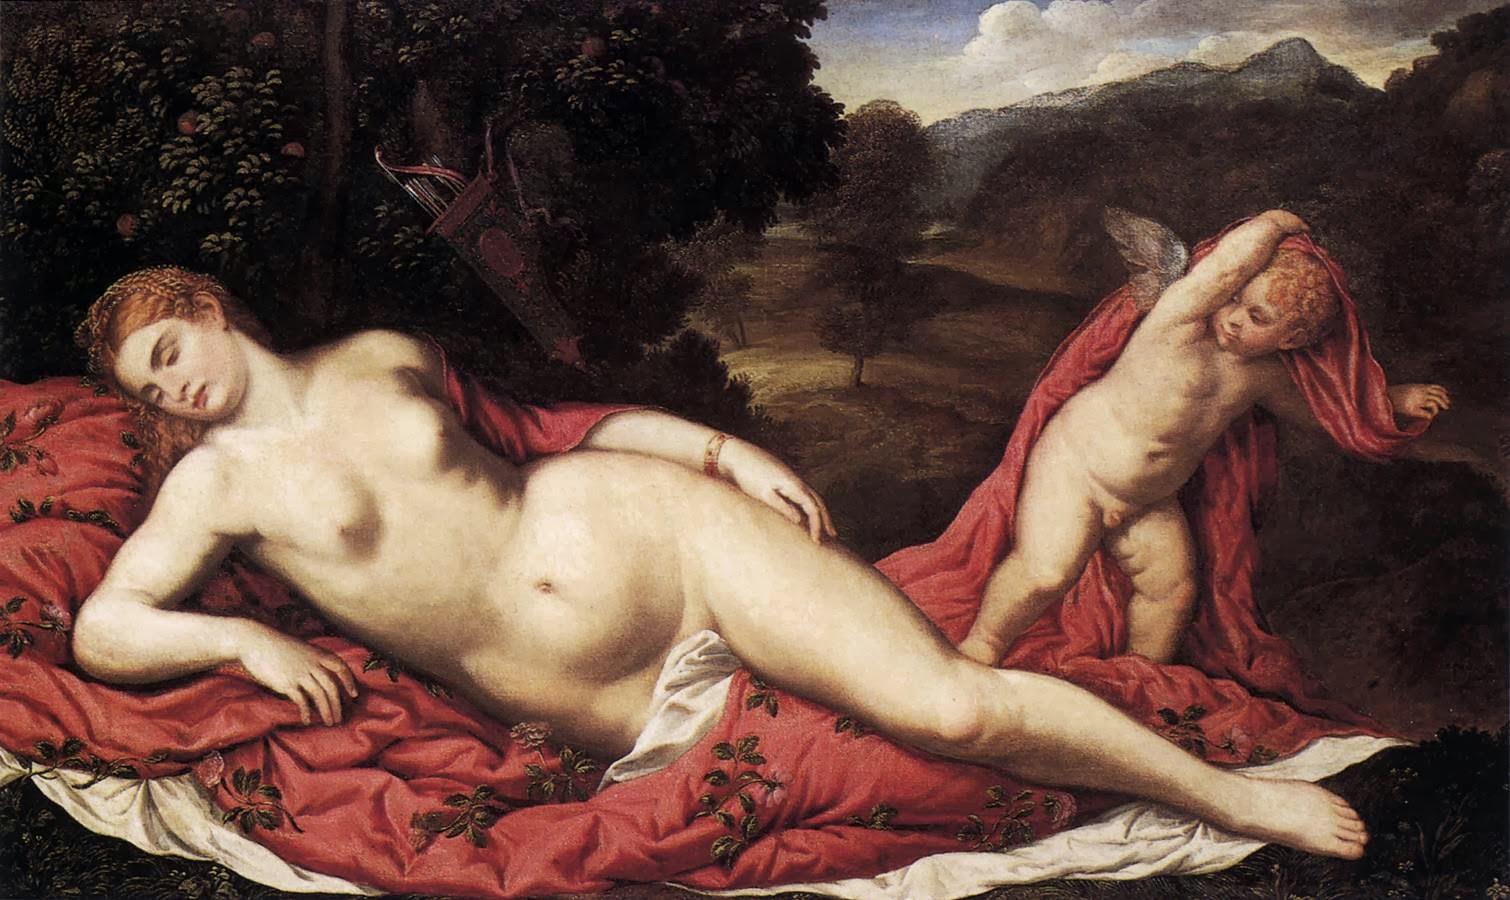 Venus dormida con Cupido (Paris Bordone, ca. 1540)